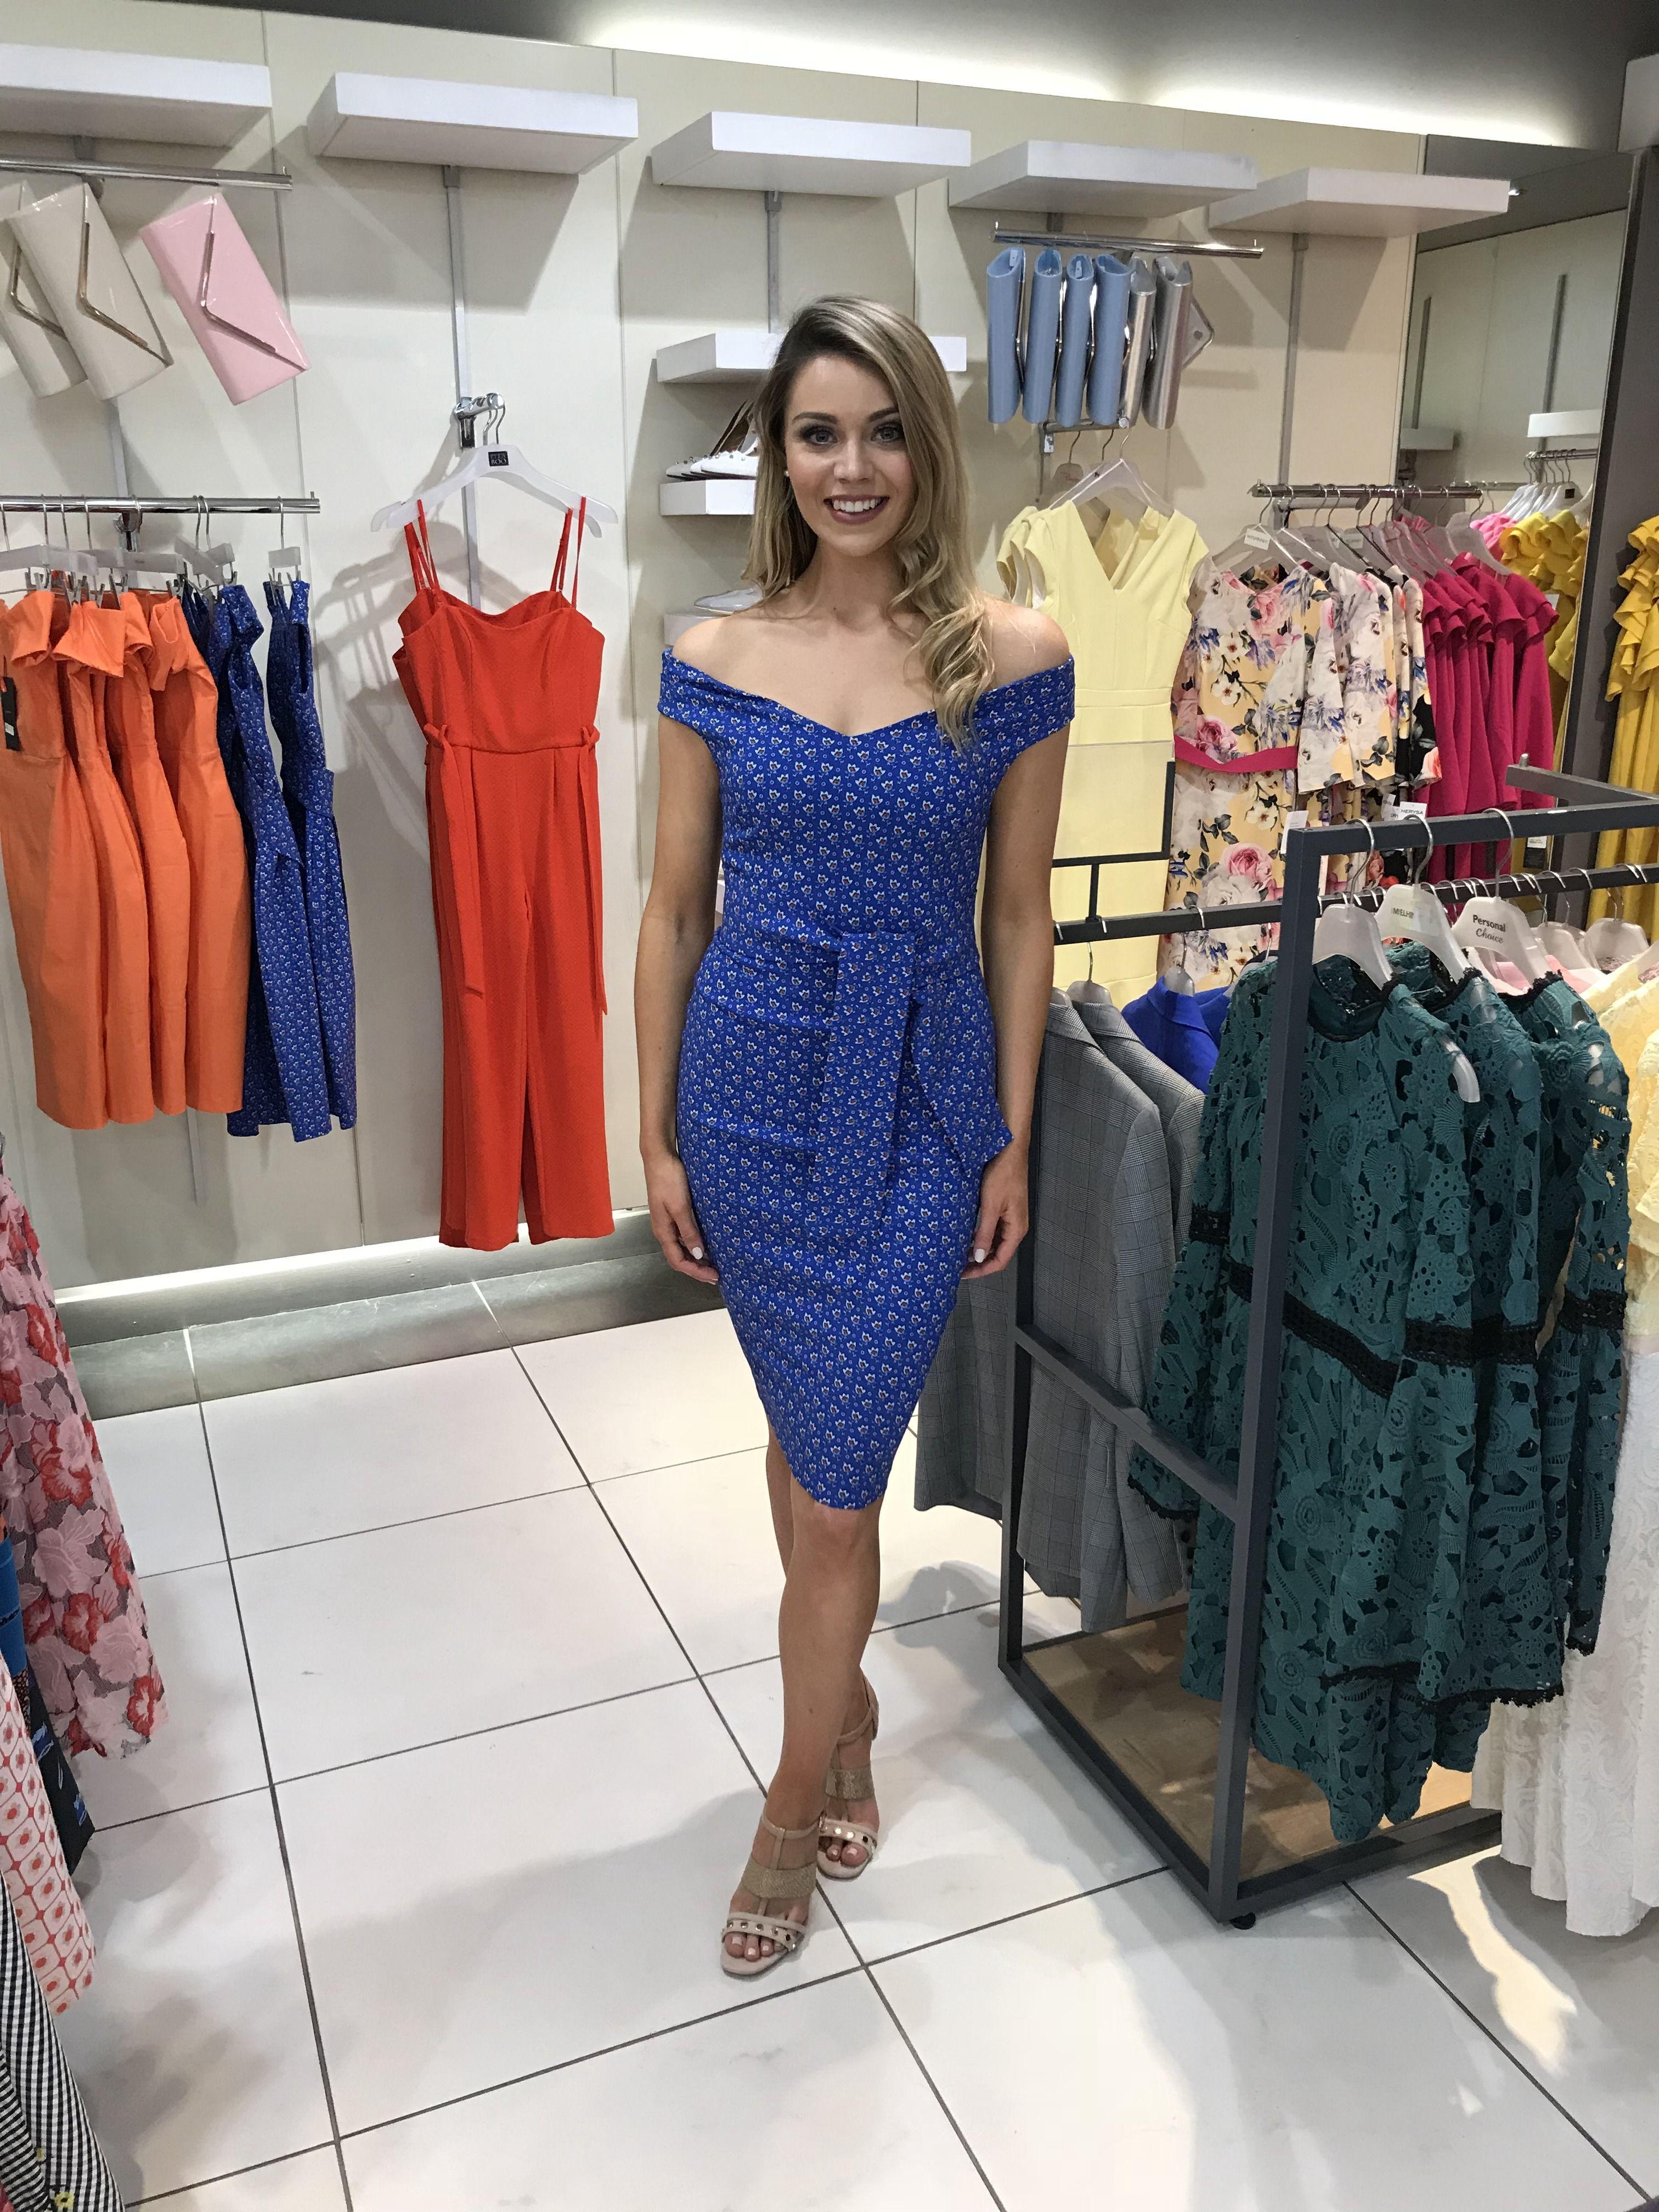 2a8d5ea2cc0 Pencil Dress, Cap Sleeves, Blue Dresses, Strapless Dress, Floral Prints,  Strapless